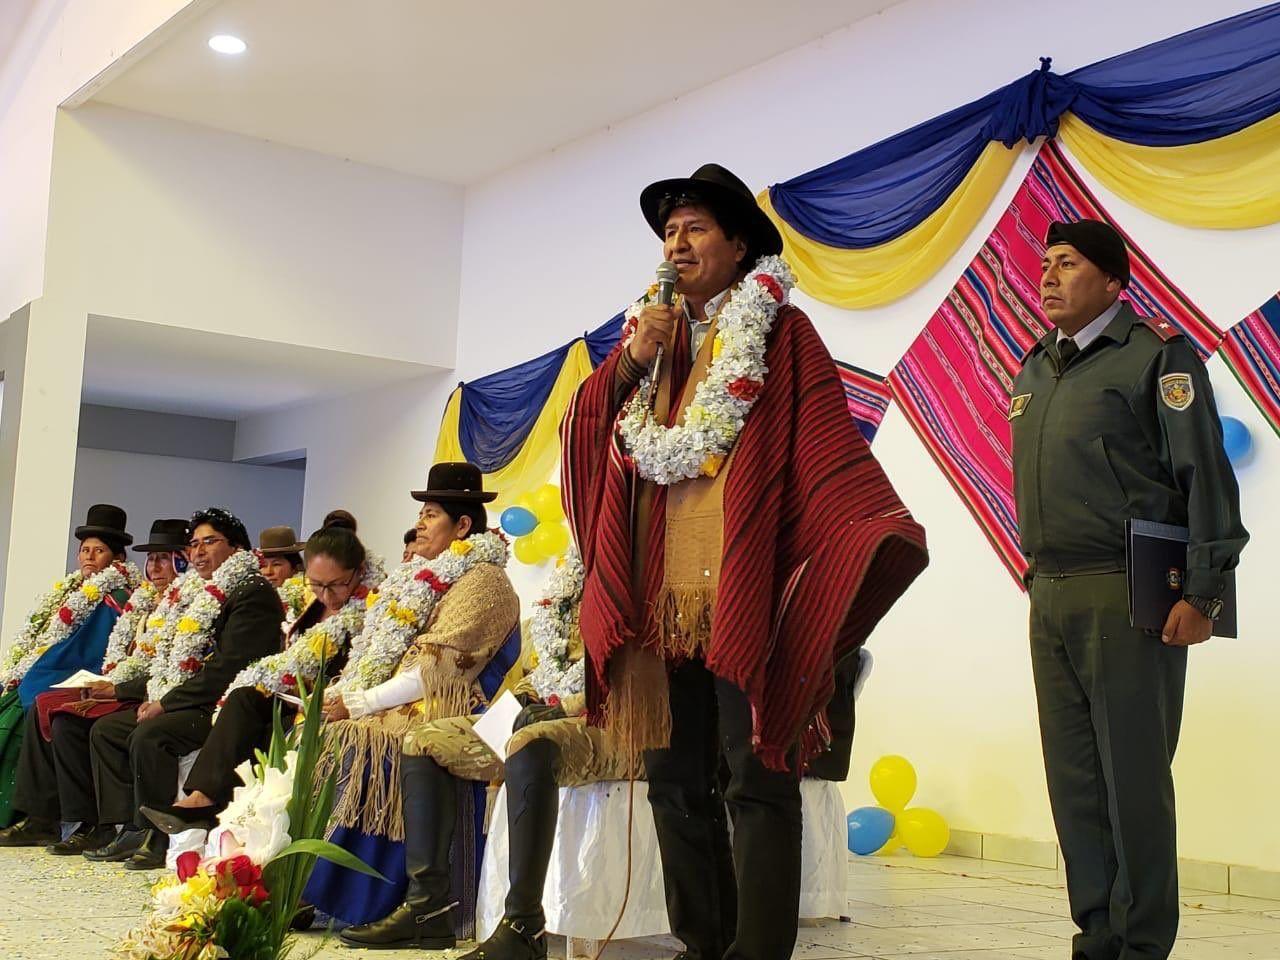 El gobierno de Evo Morales denunció un intento de golpe de Estado en Bolivia